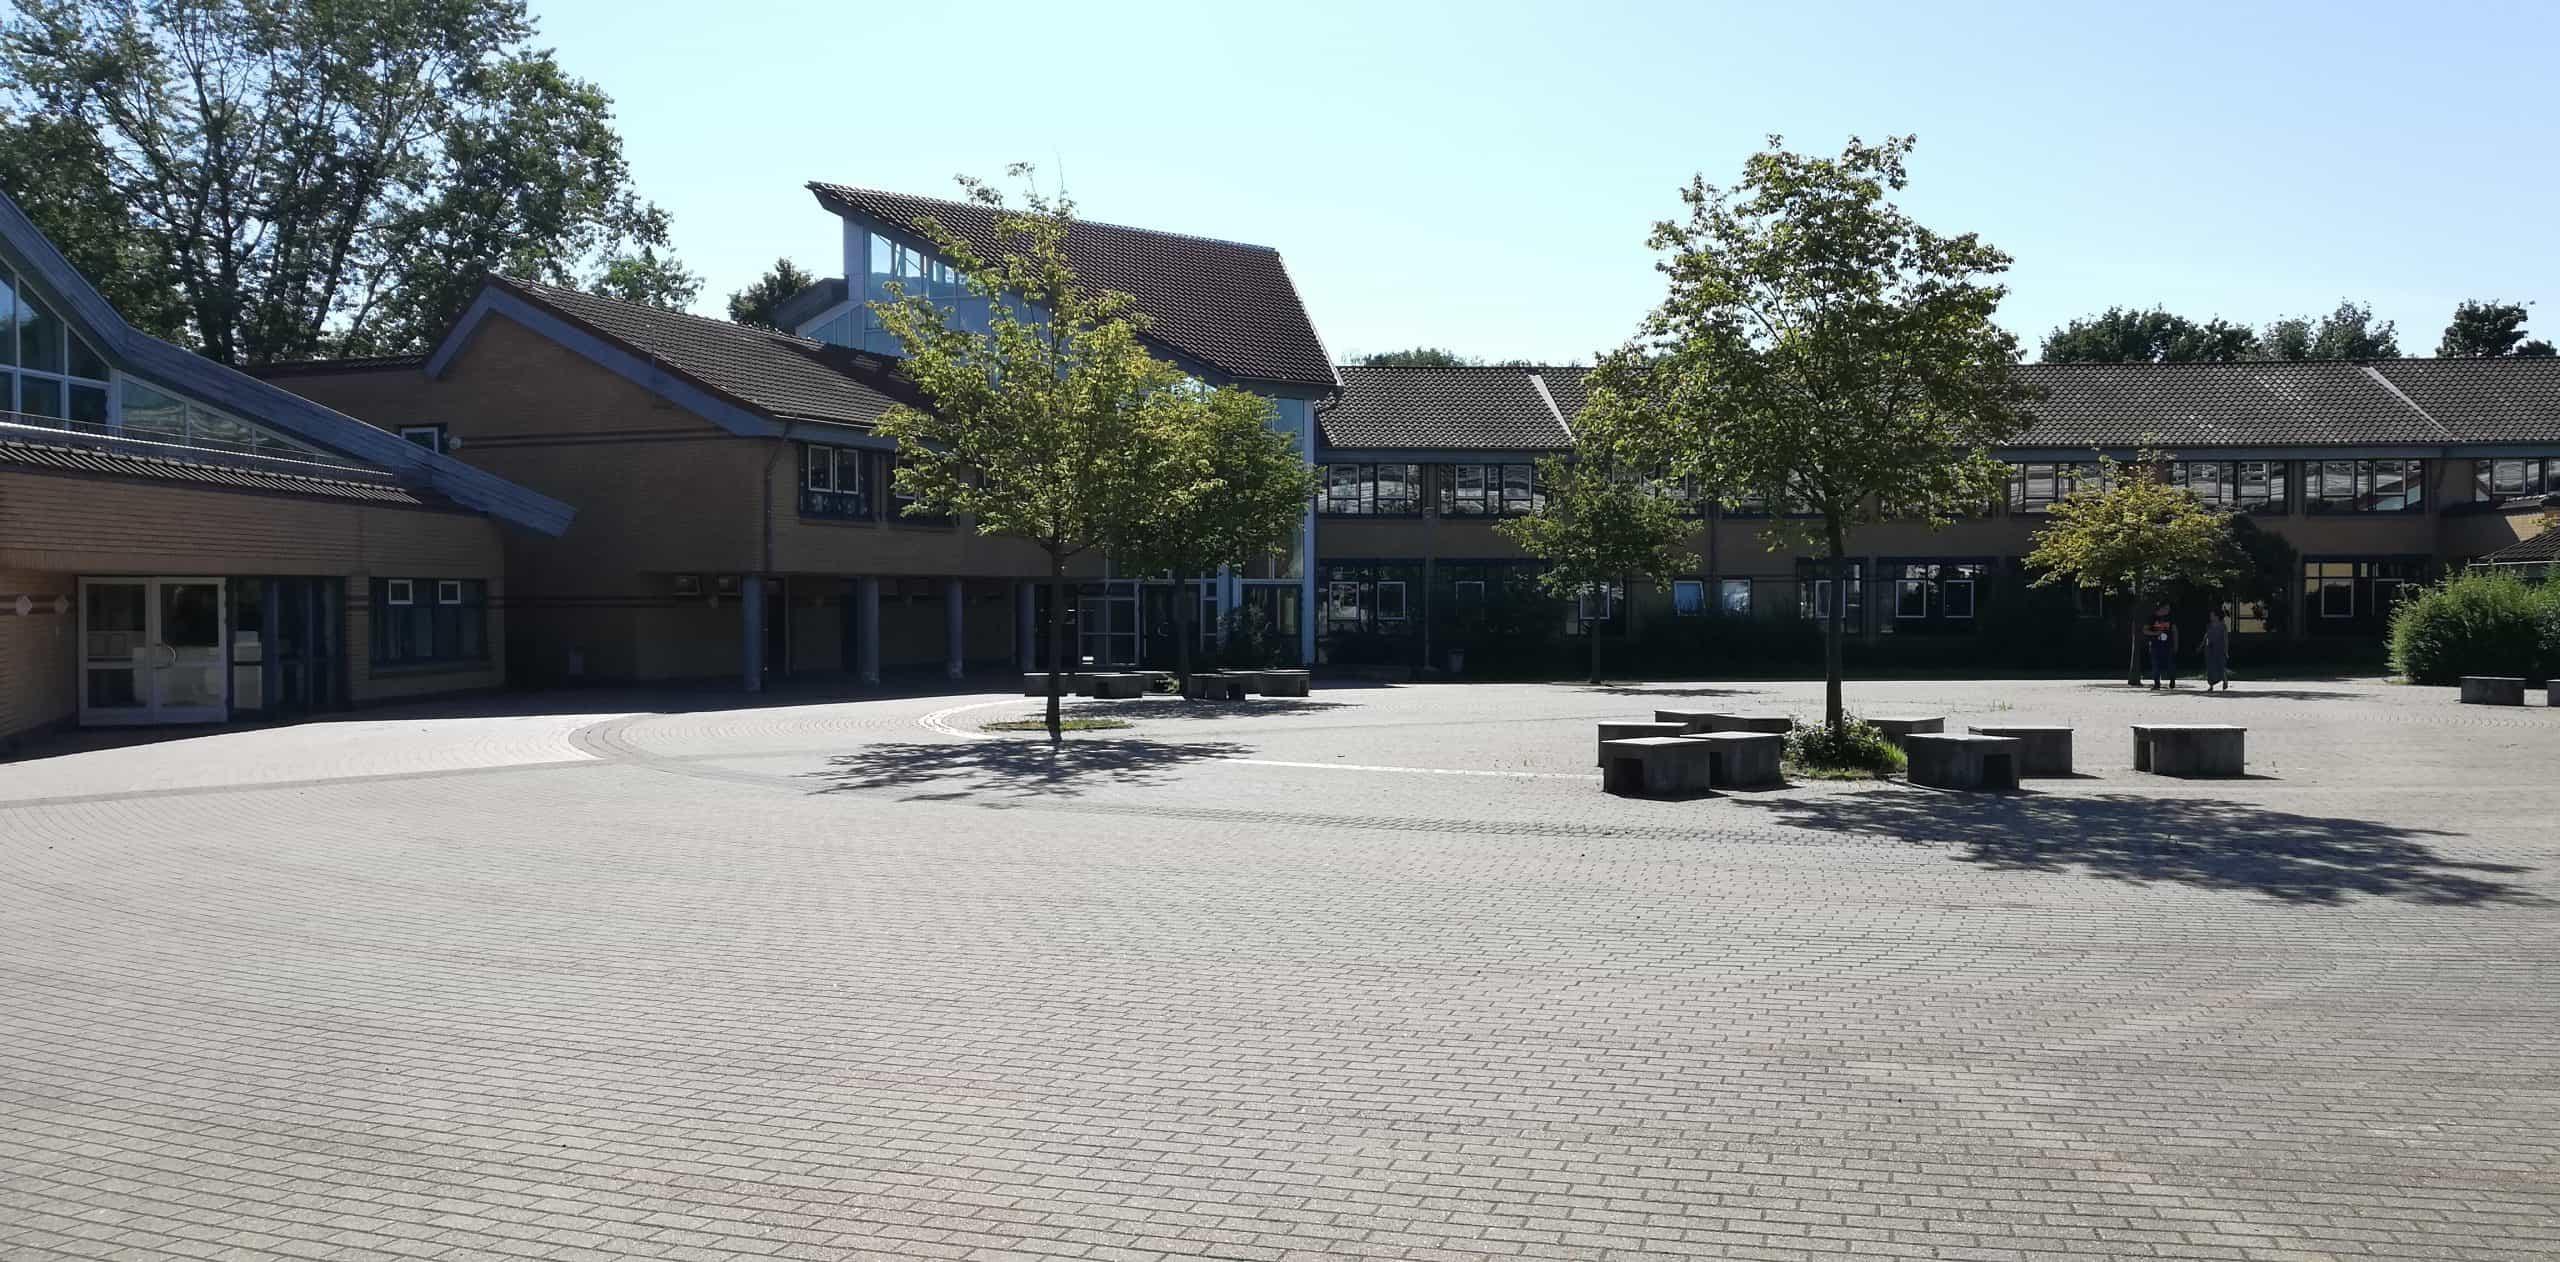 Das Bild zeigt die Comnius Gesamtschule in Voerde